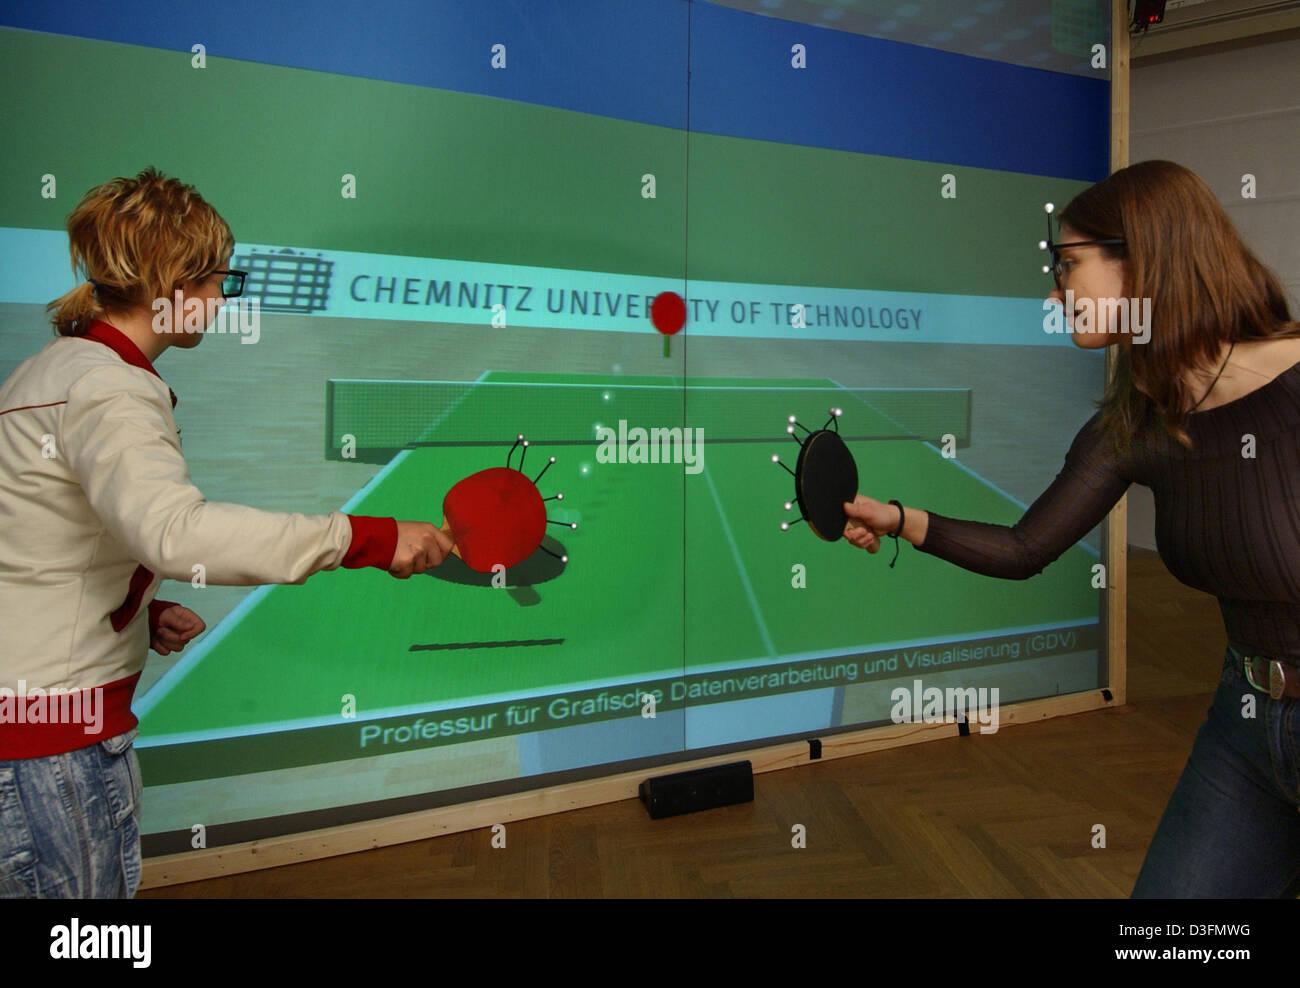 b858001c75 (Dpa) - Dos medios de comunicación estudiantes jugar un partido de tenis de  mesa virtual en la Universidad Técnica de Chemnitz